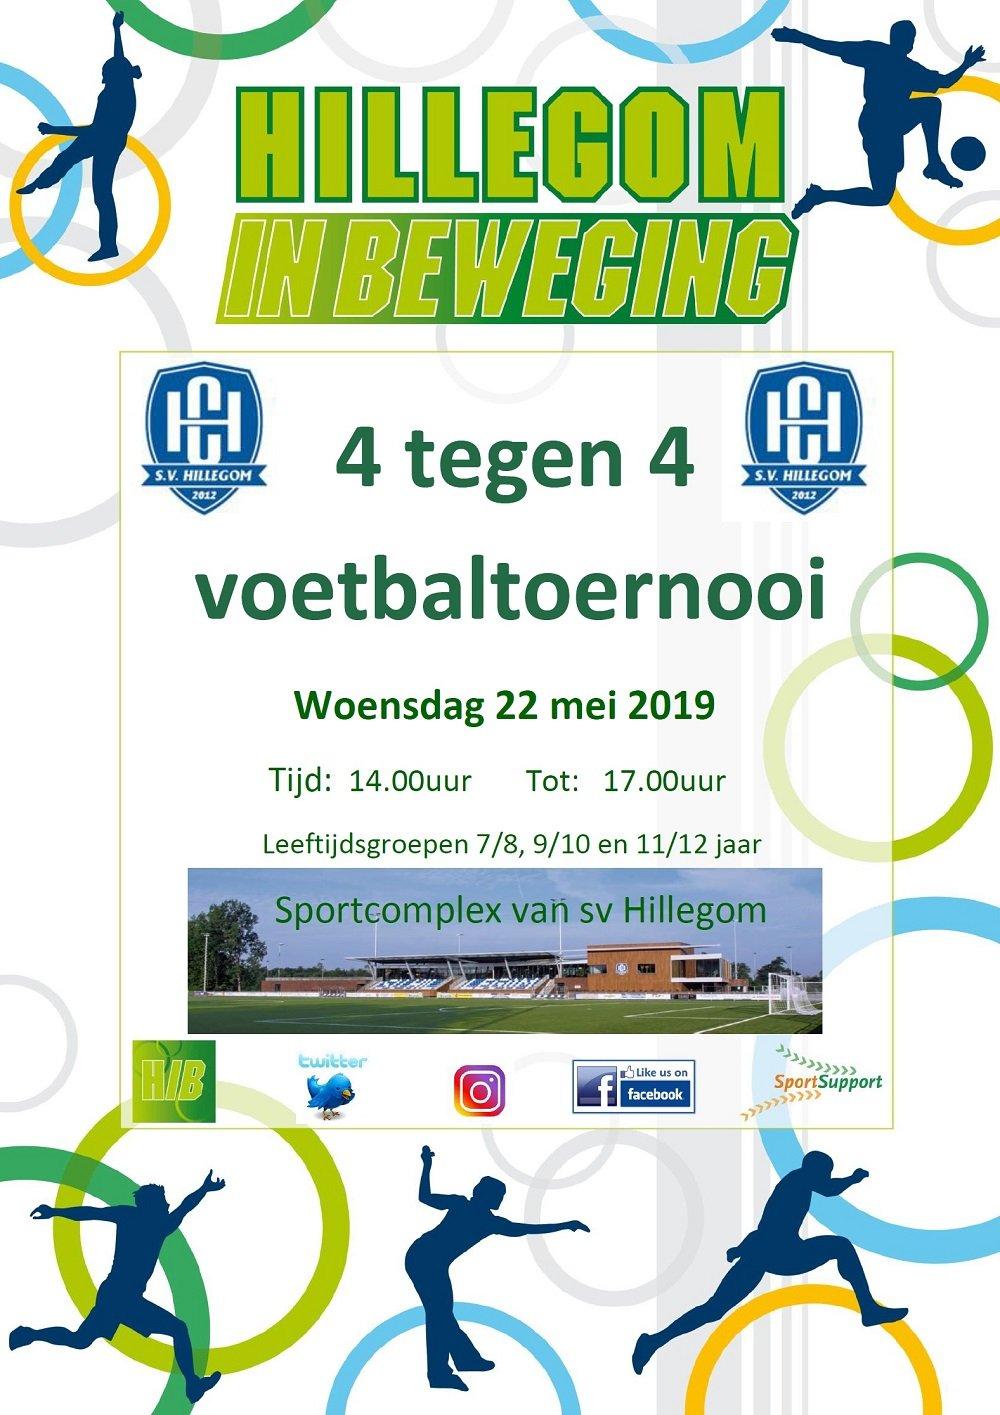 4x4 voetbaltoernooi SV Hillegom